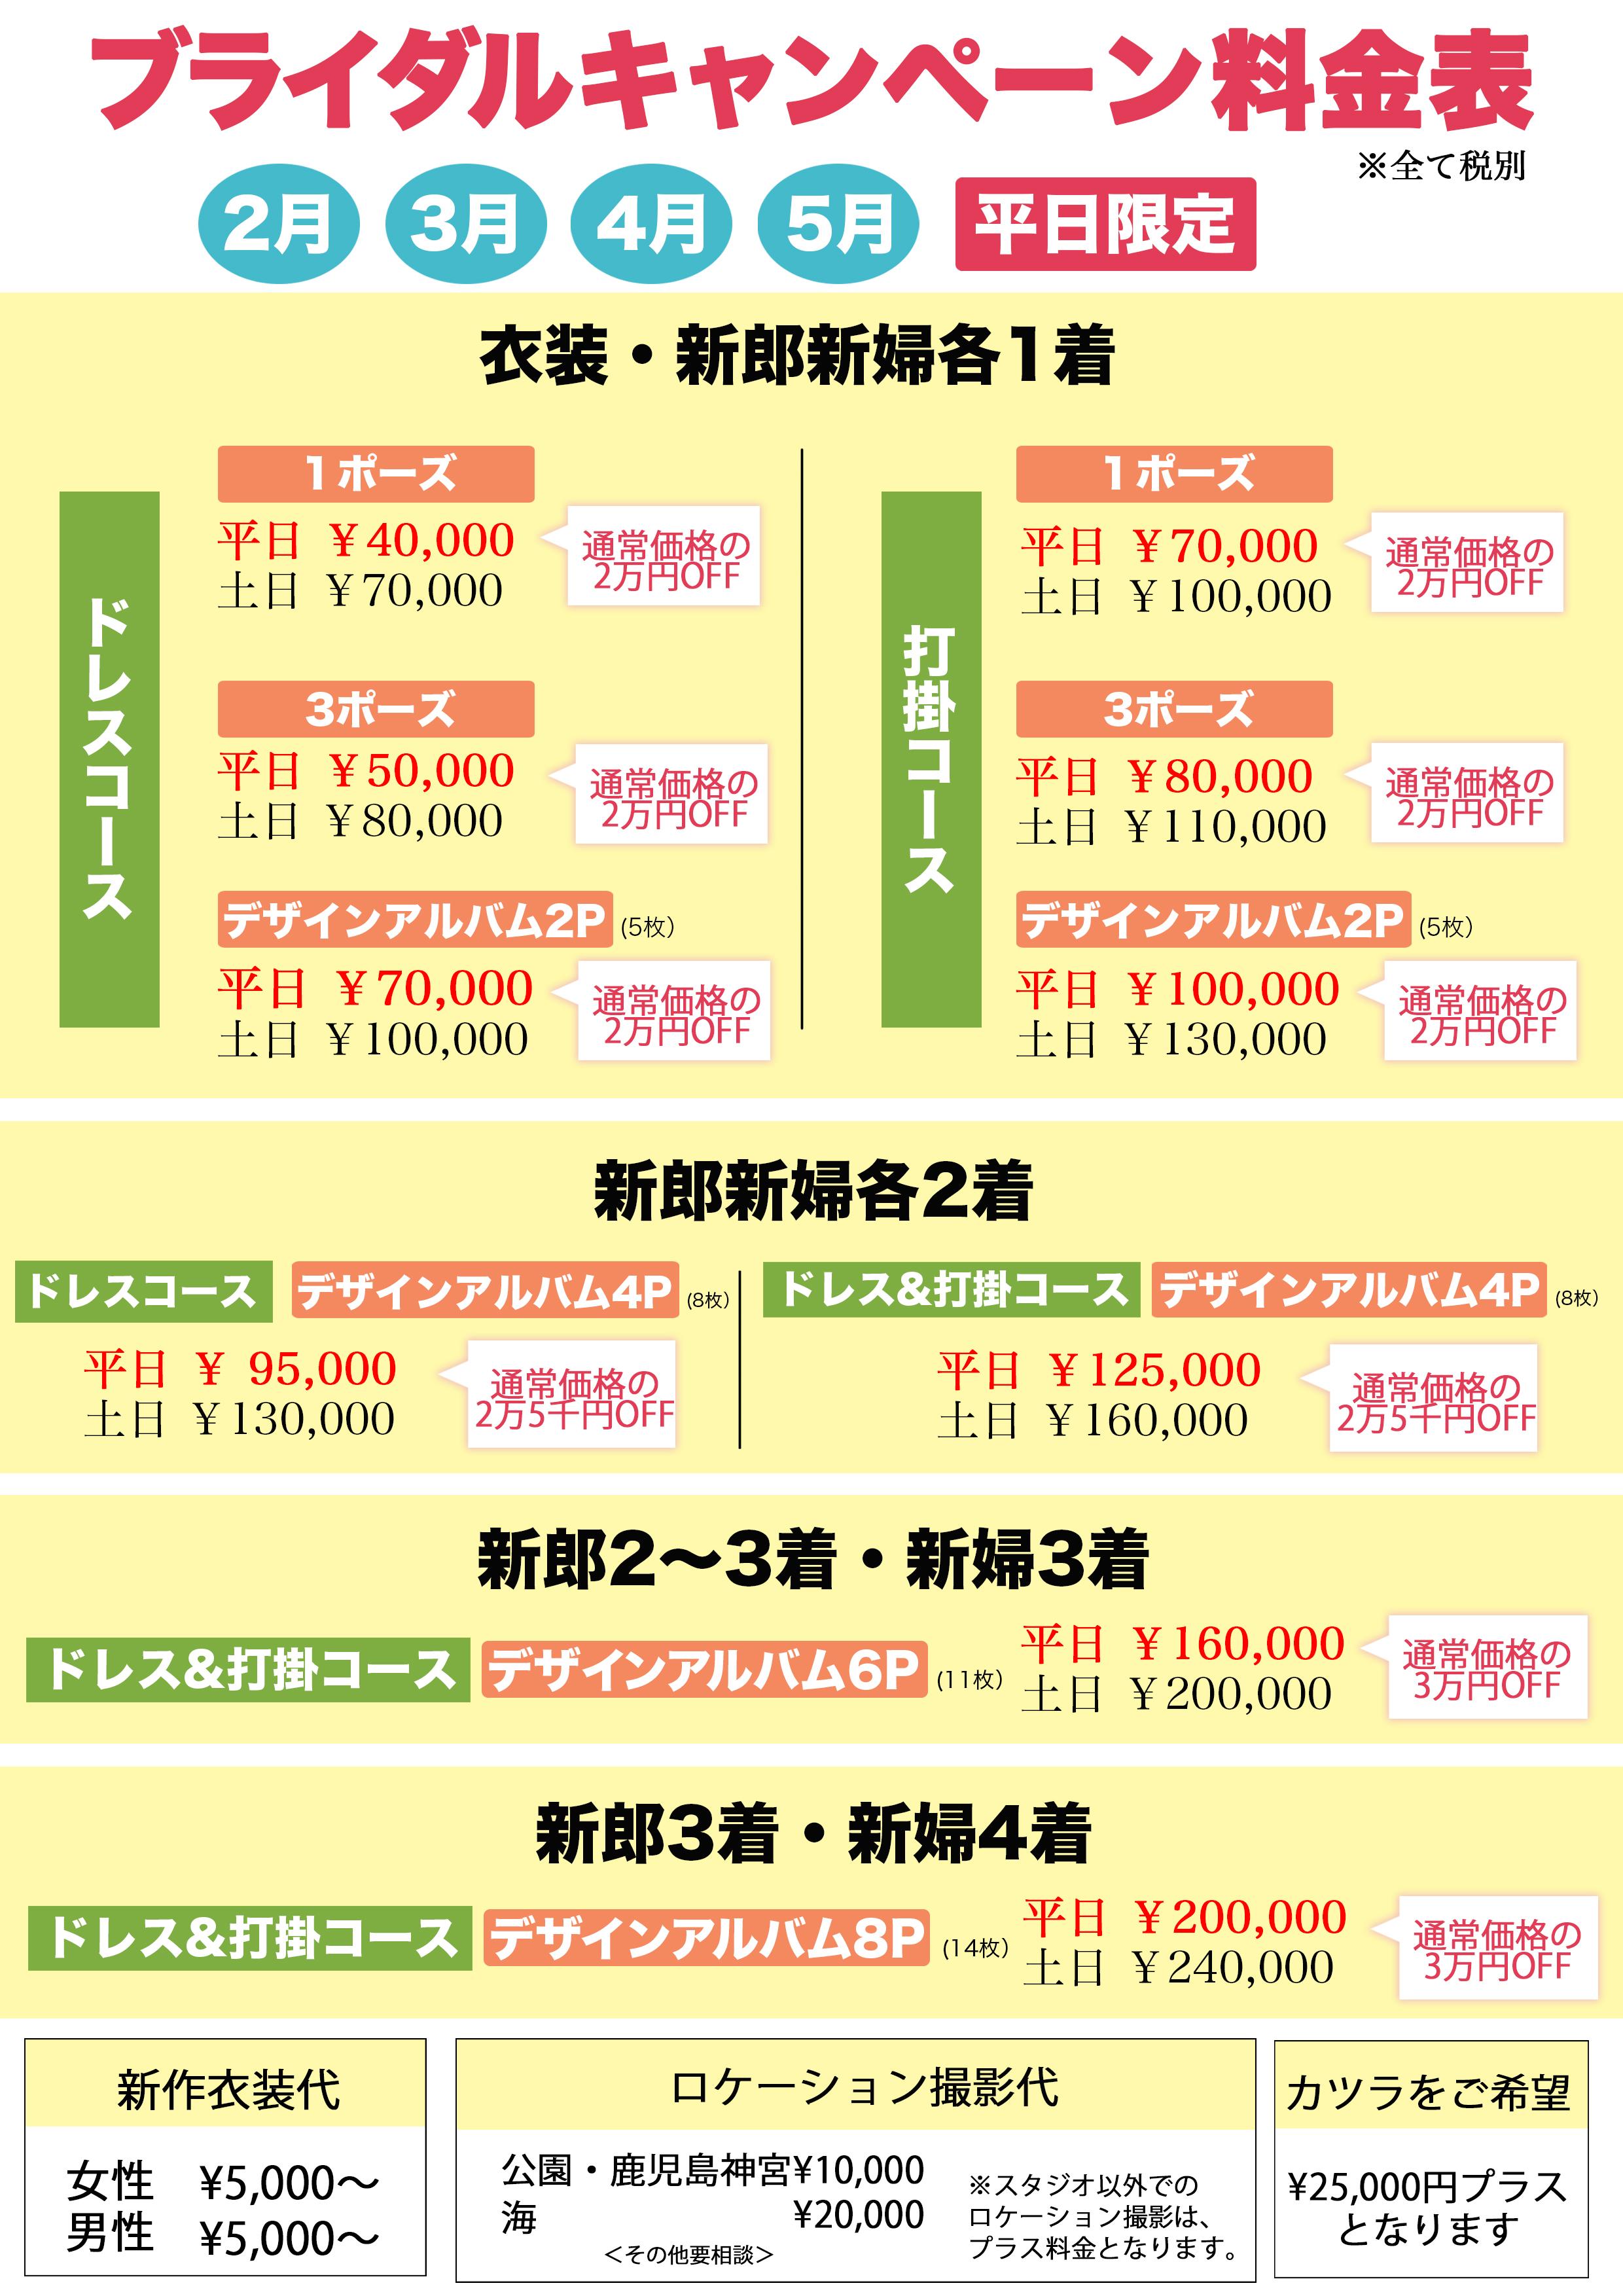 ブライダルキャンペーン価格表